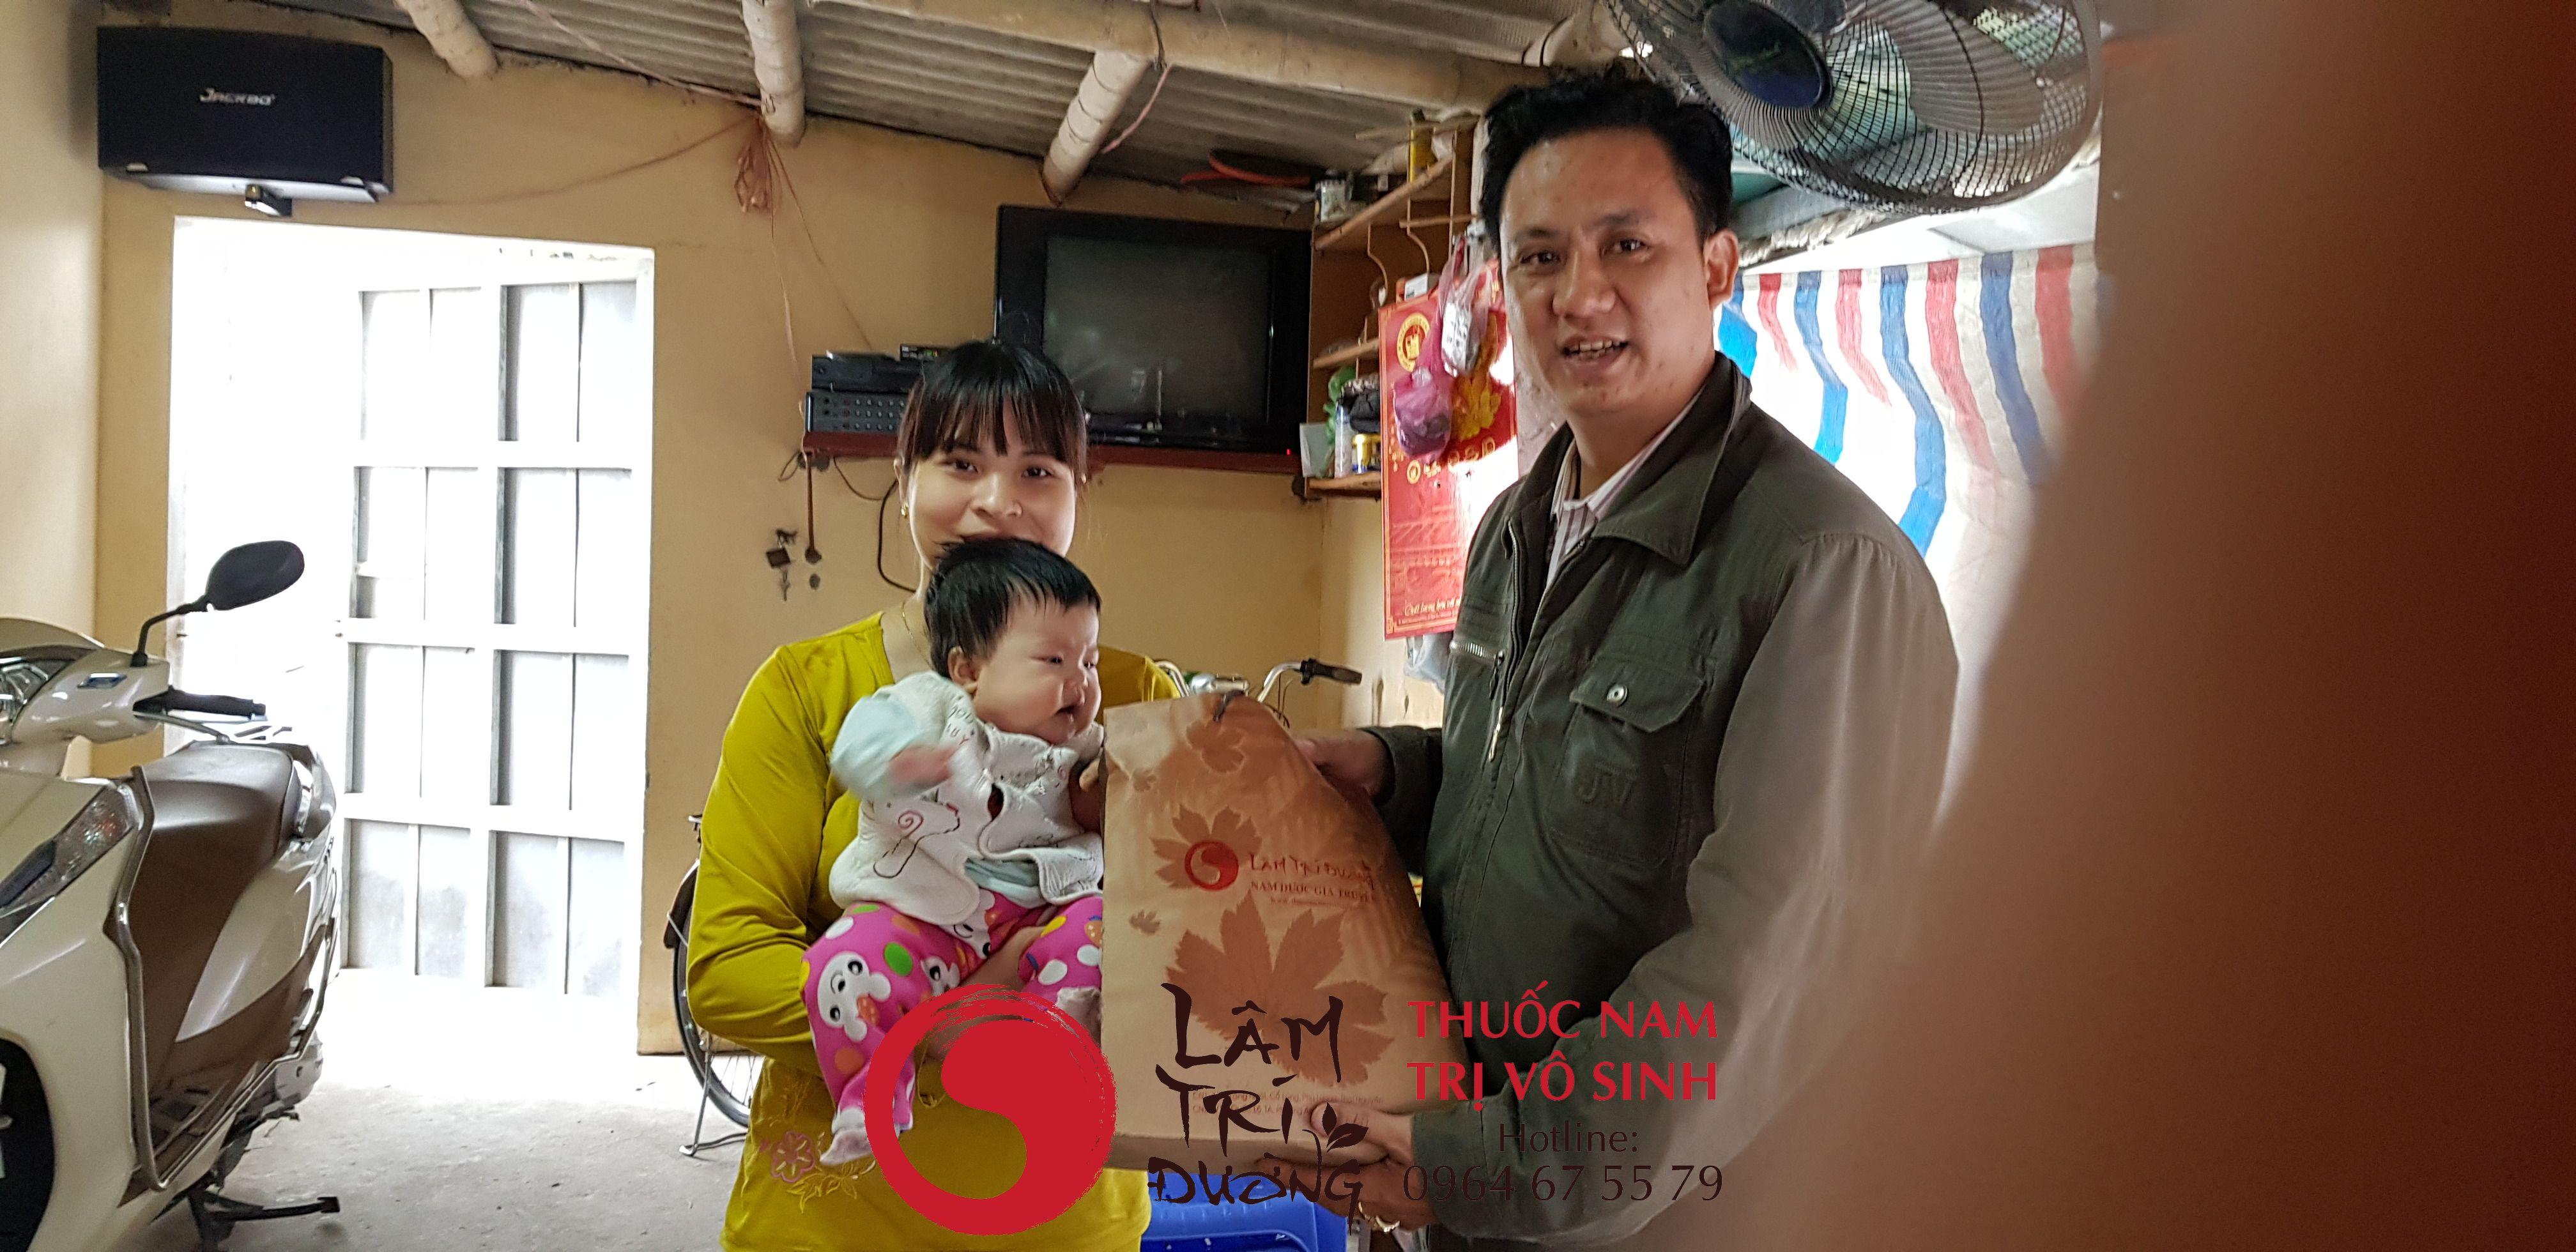 20180124 101504 001 result - Chị Thùy Chia Sẻ Về Hành Trình Chữa Hiếm Muộn Của Mình